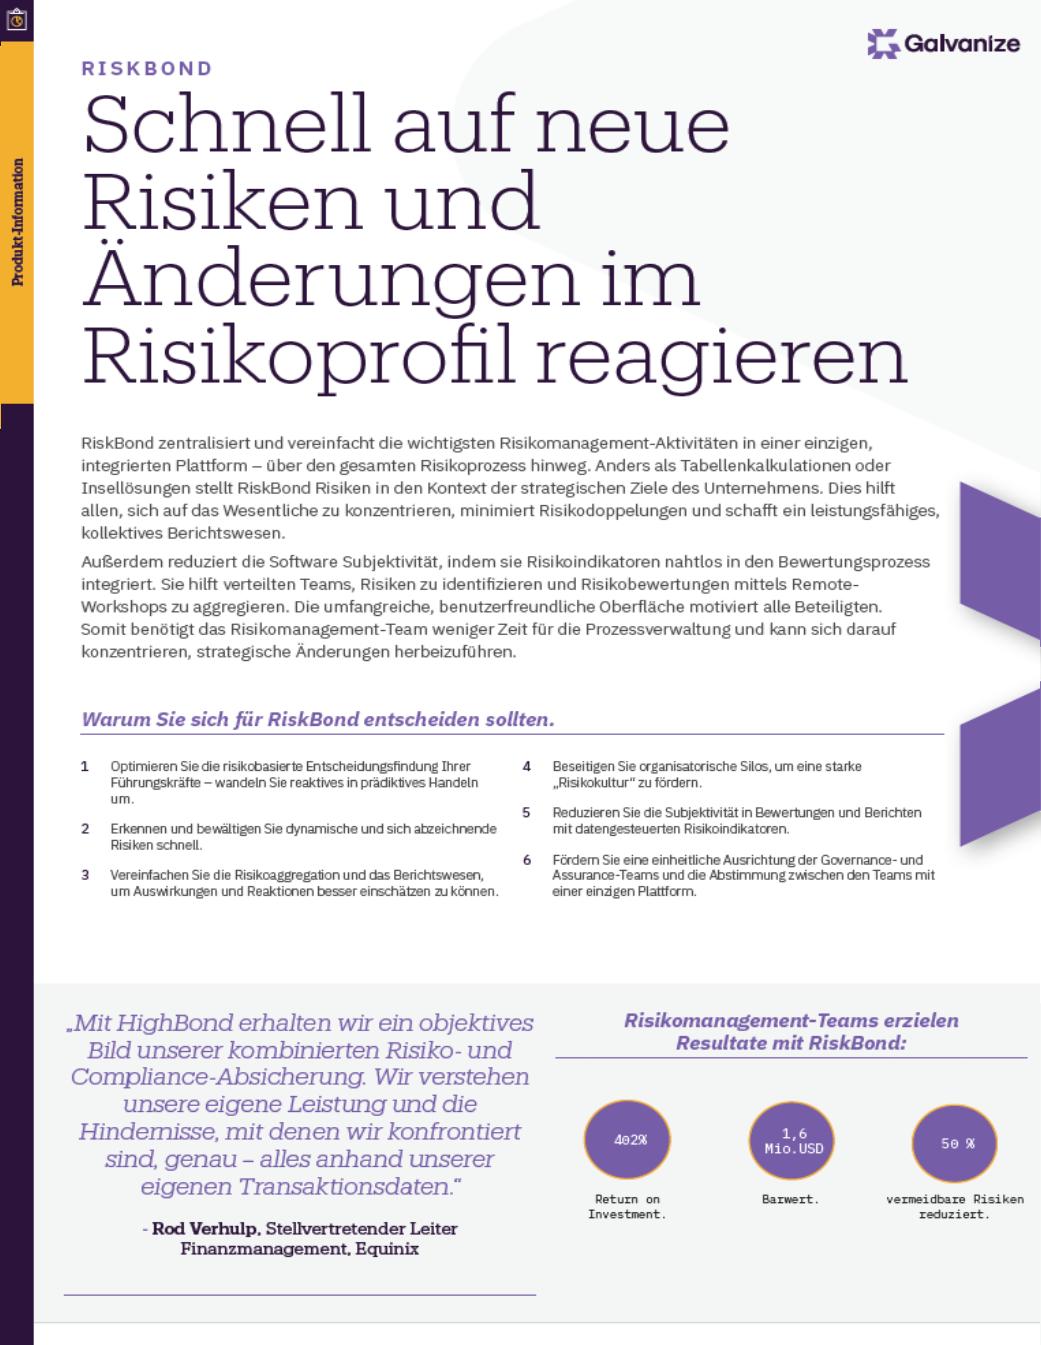 Schnell auf neue Risiken und Änderungen im Risikoprofil reagieren